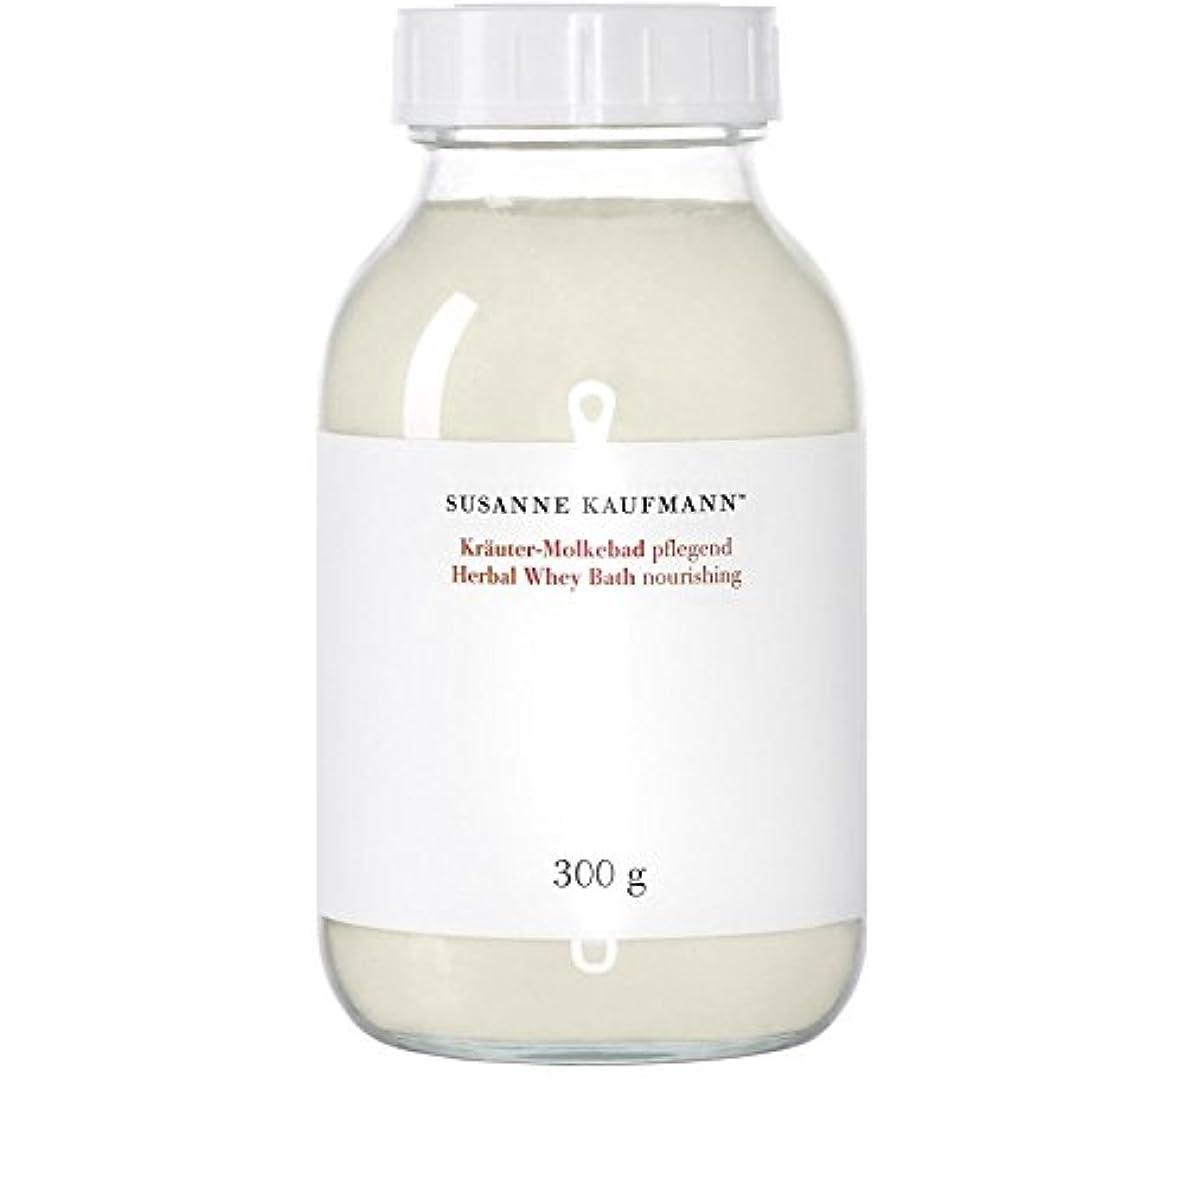 逆エントリマークダウンSusanne Kaufmann Nourishing Herbal Whey Bath 300g - スザンヌカウフマン栄養ハーブホエーバス300グラム [並行輸入品]